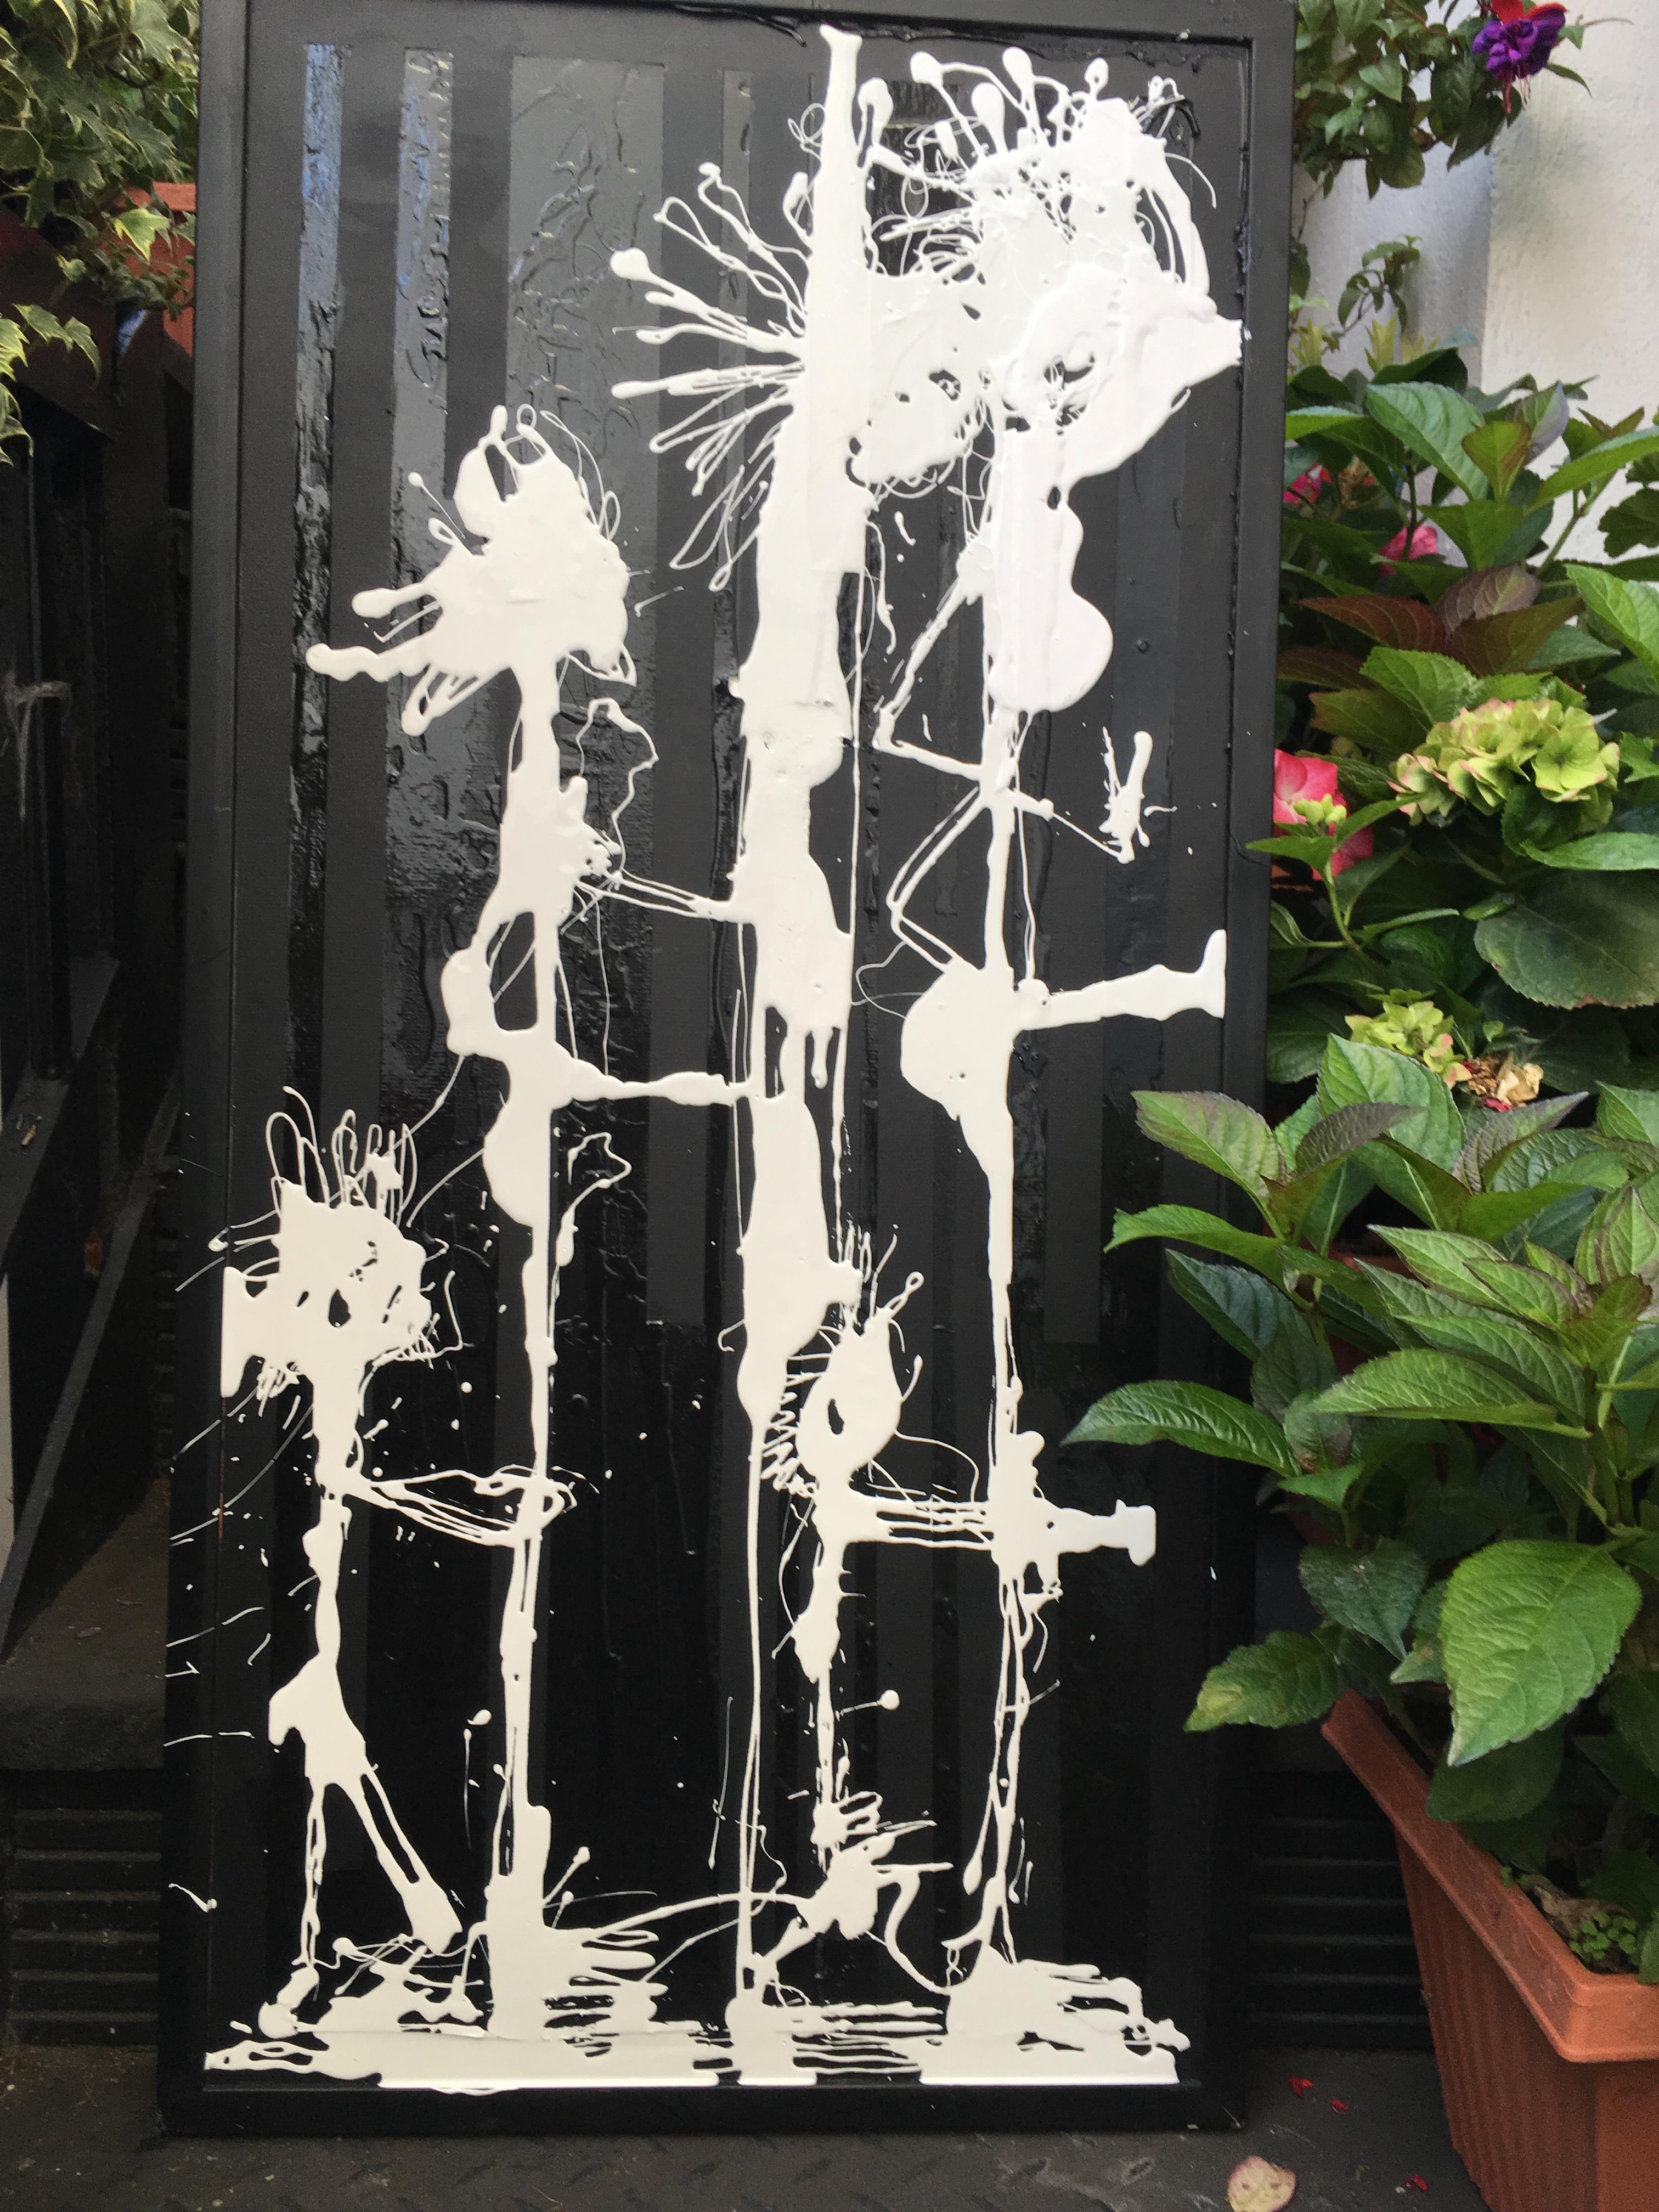 ART & NATURE